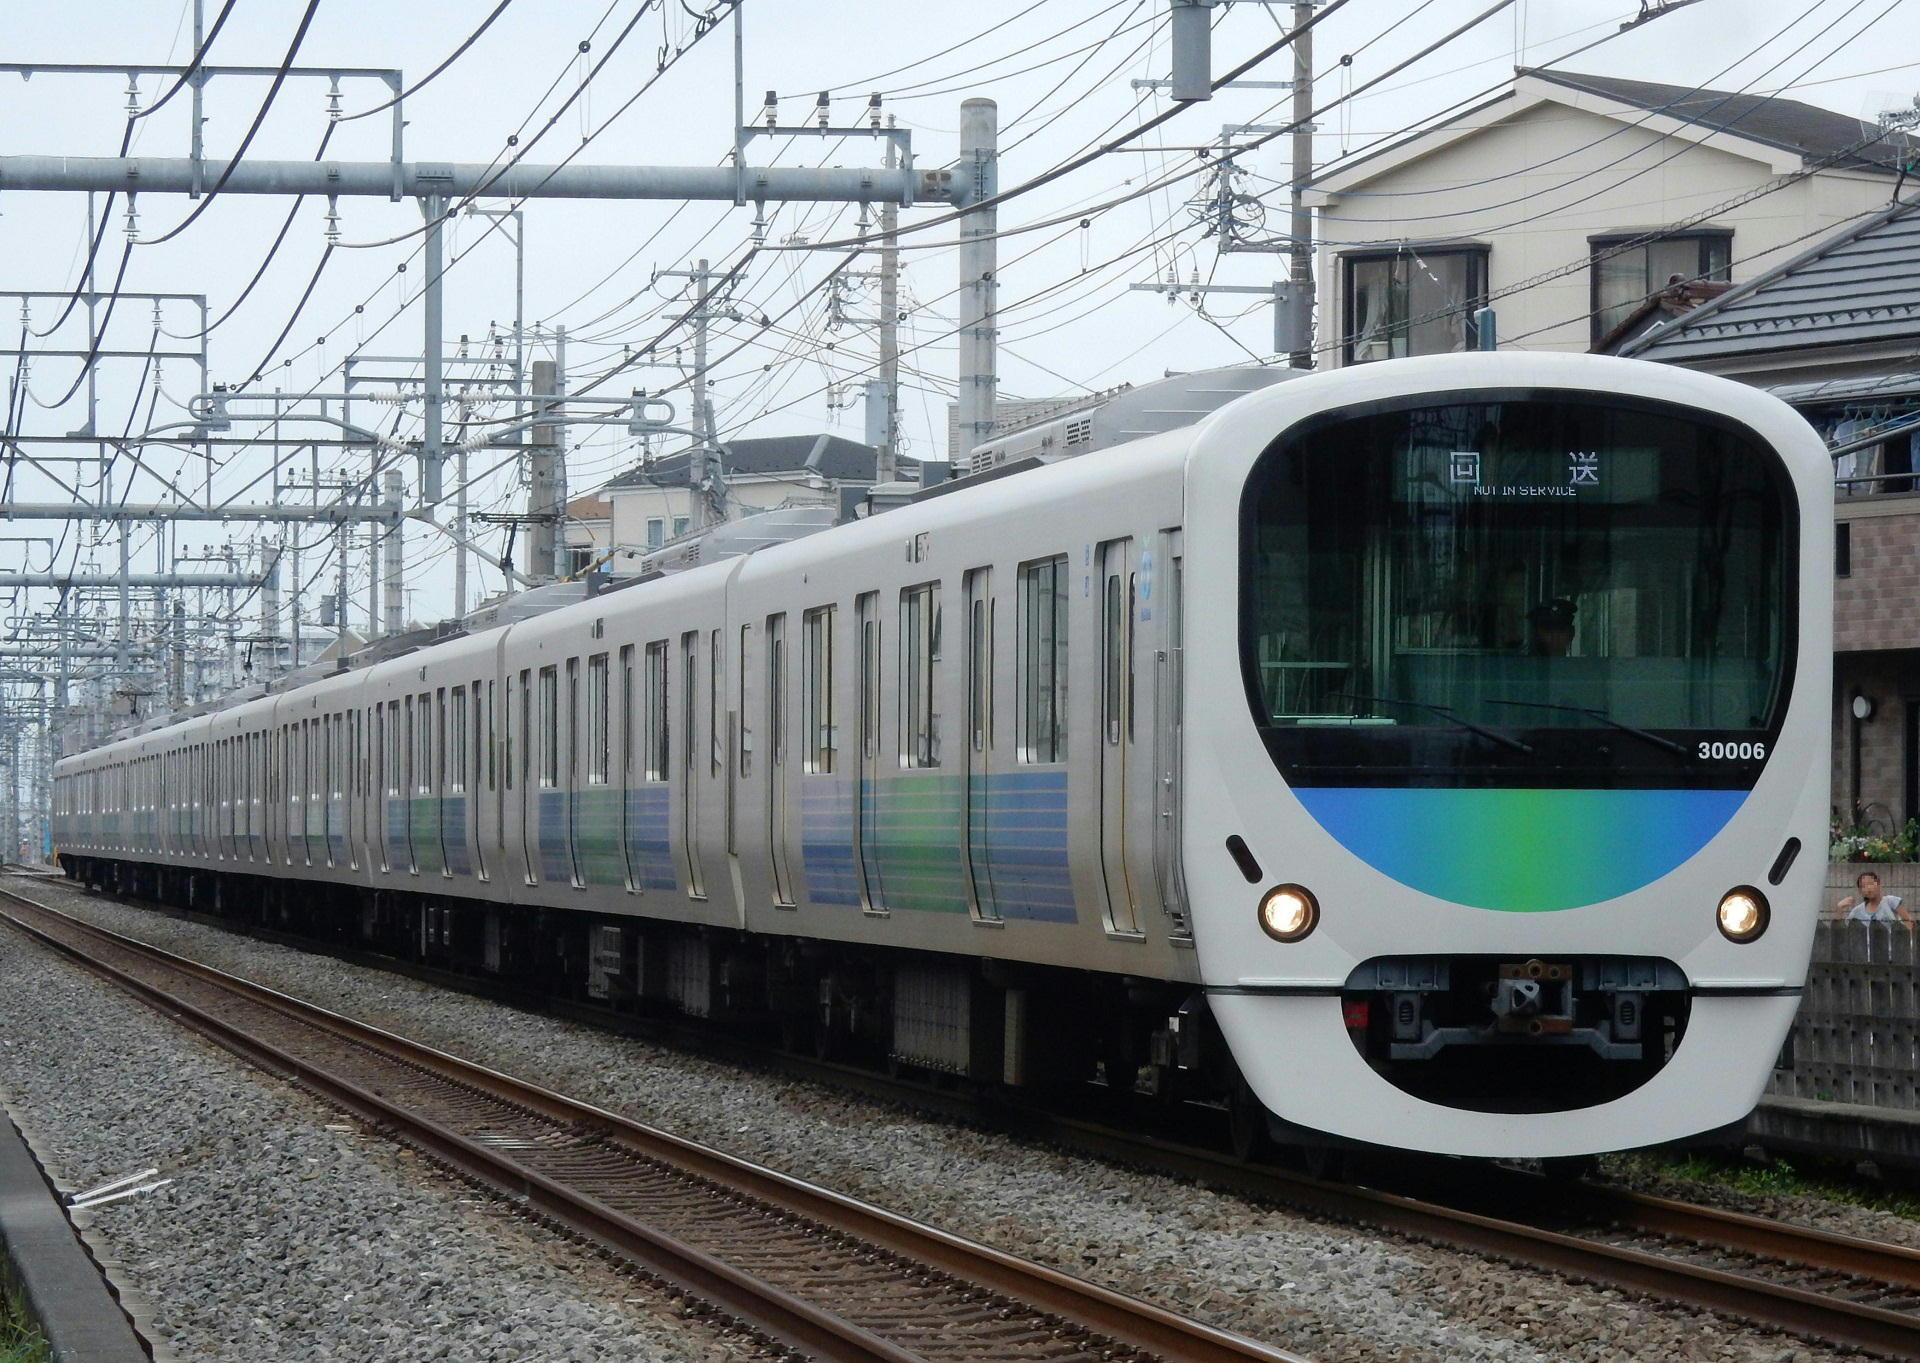 DSCN3719 - コピー - コピー